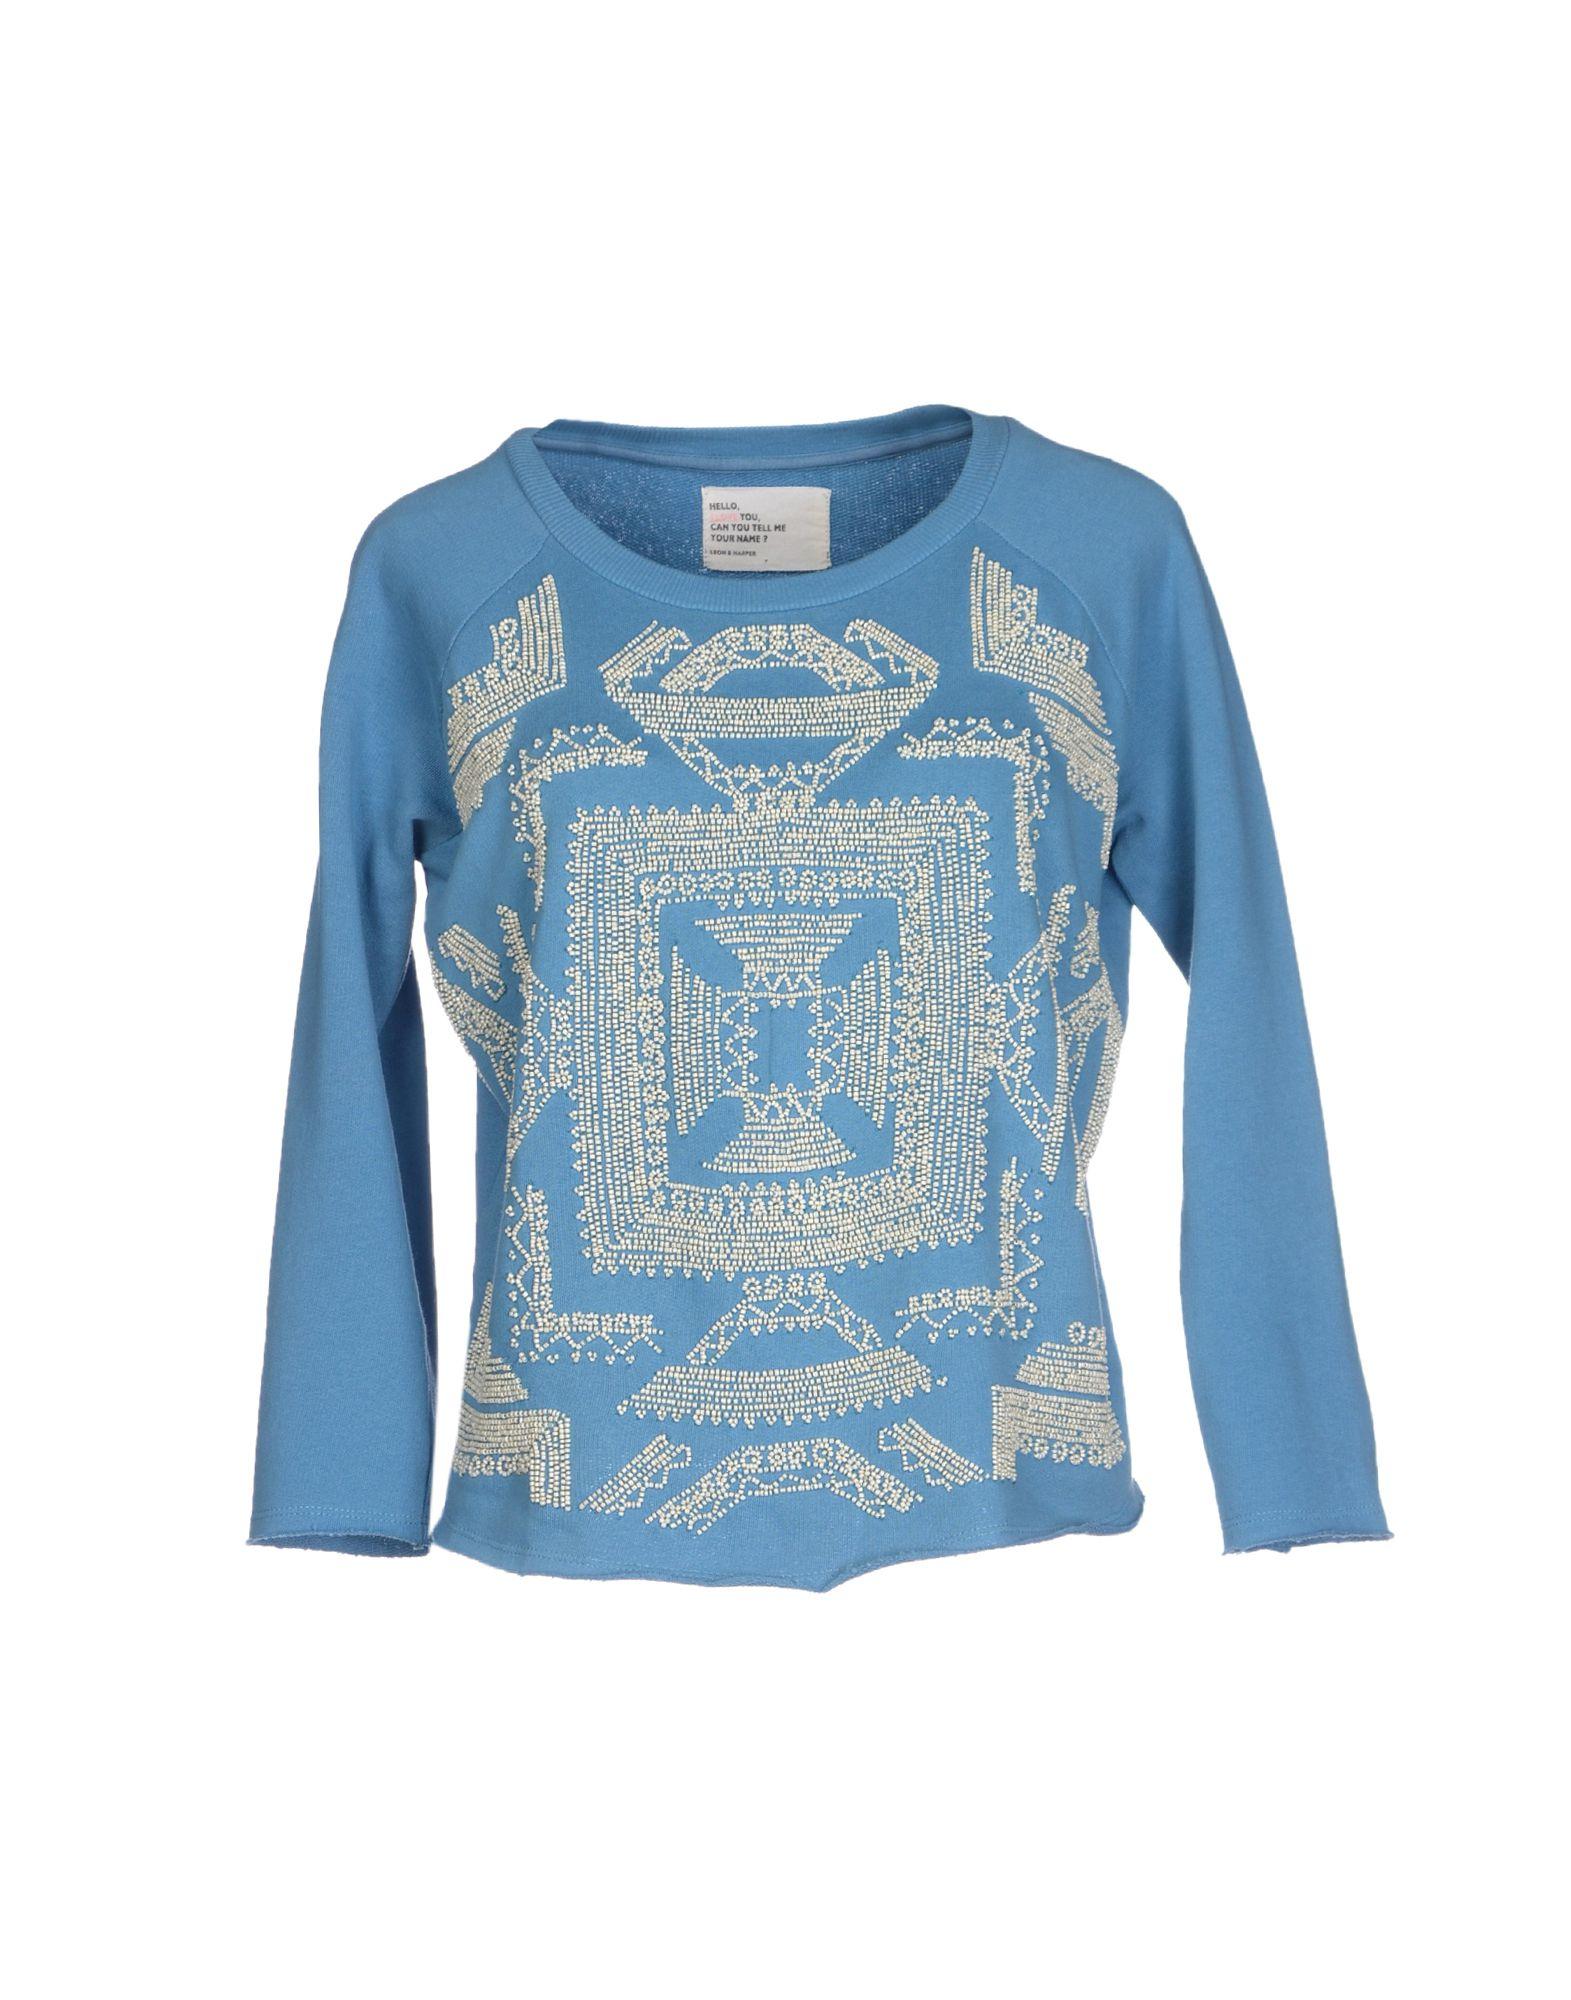 Leon Harper Sweatshirt In Blue Lyst